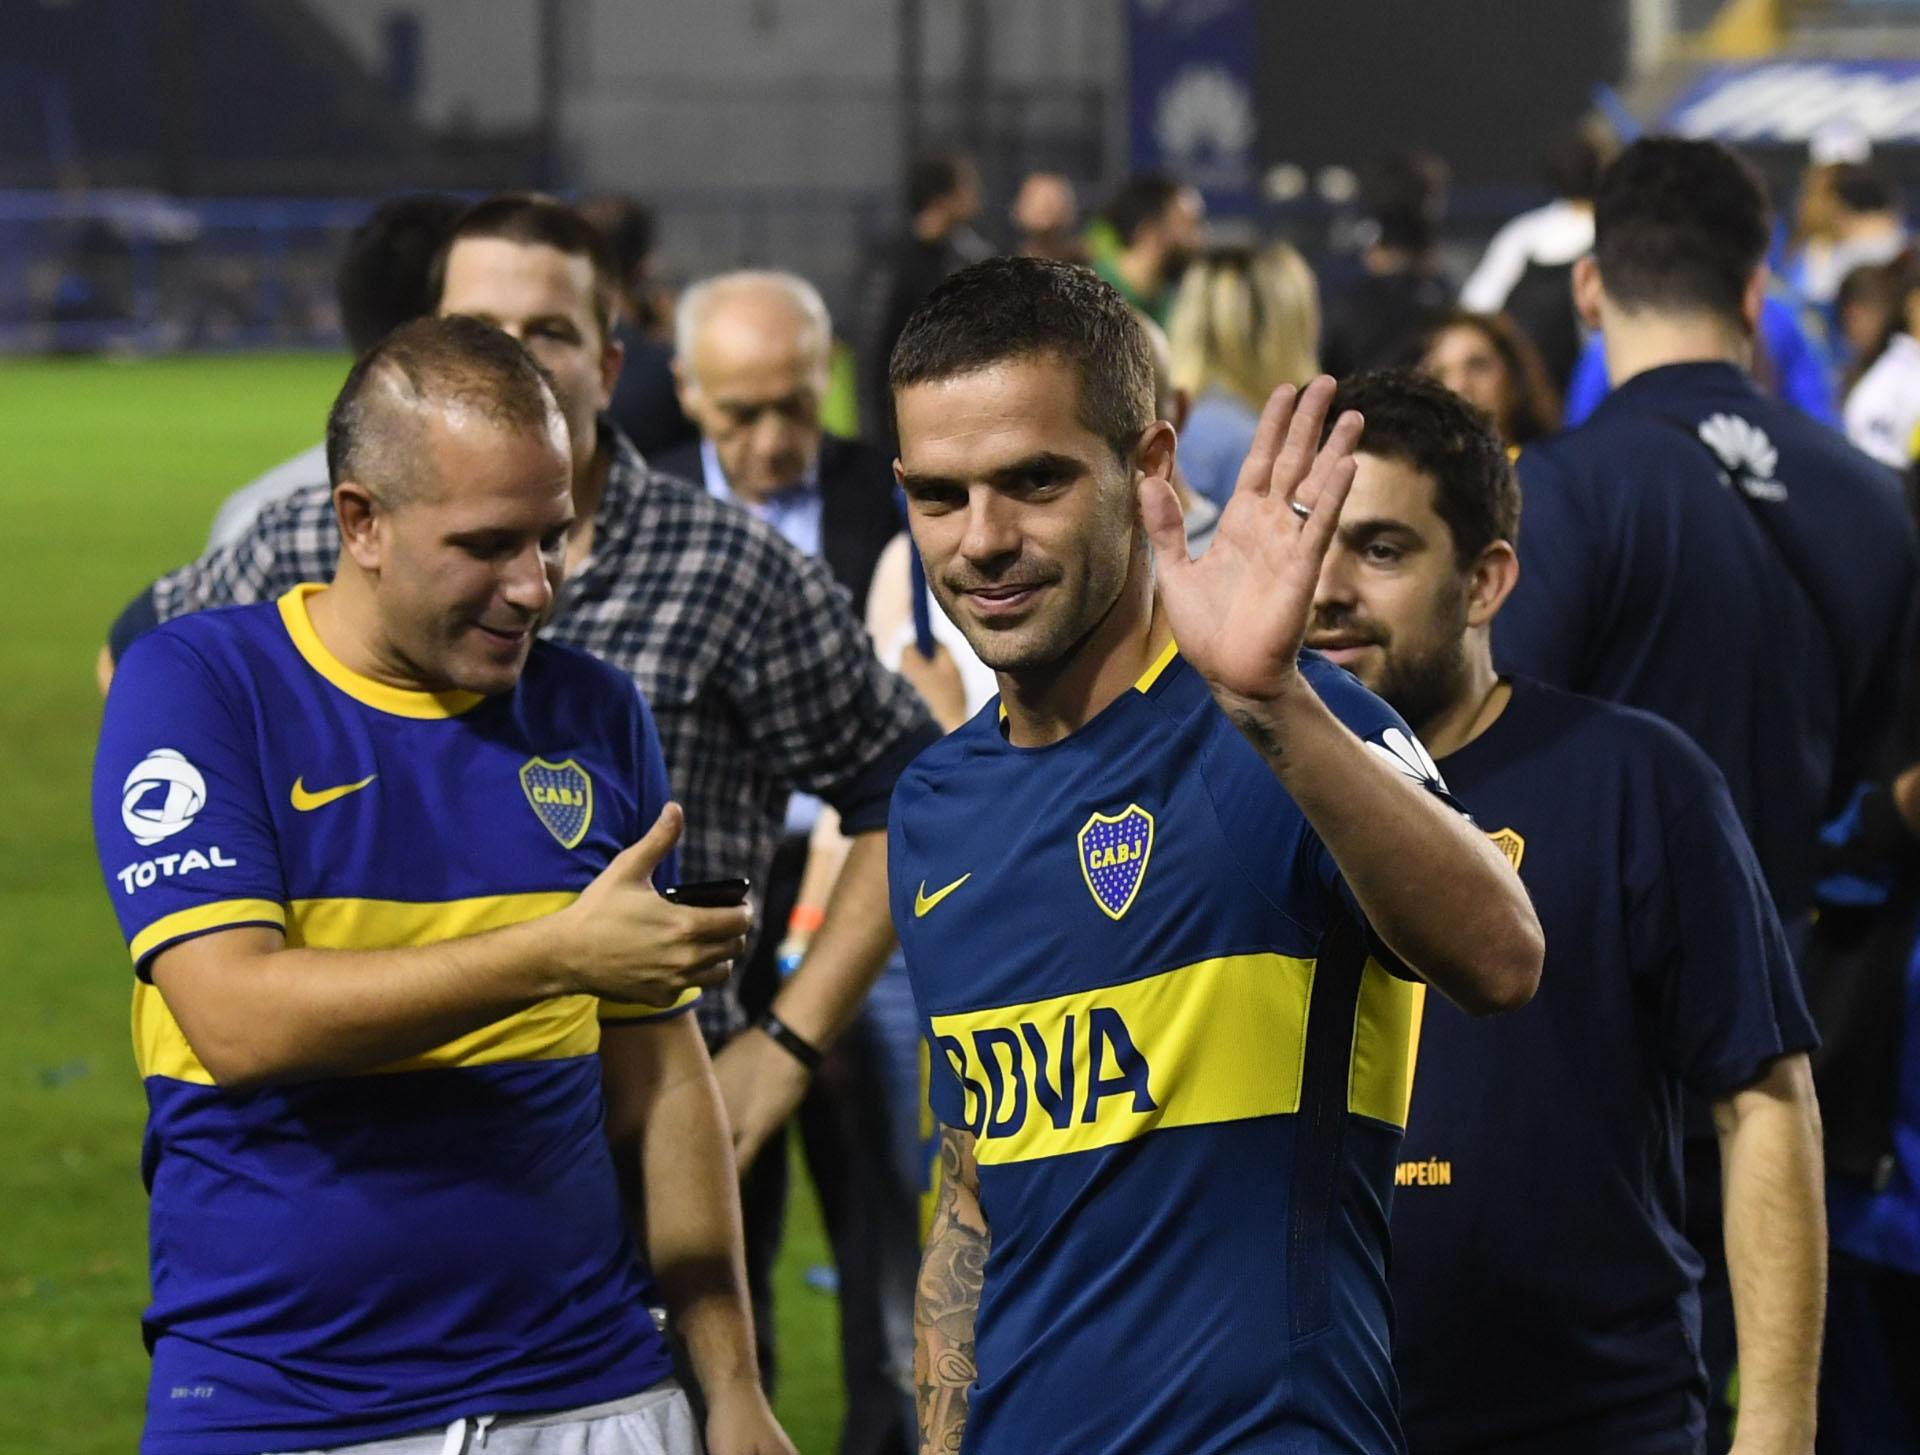 A punto de volver a las canchas tras su rotura de ligamentos de rodilla, Gago celebró en la Bombonera el último título de Boca: Superliga 2017/2018 (Maxi Luna)